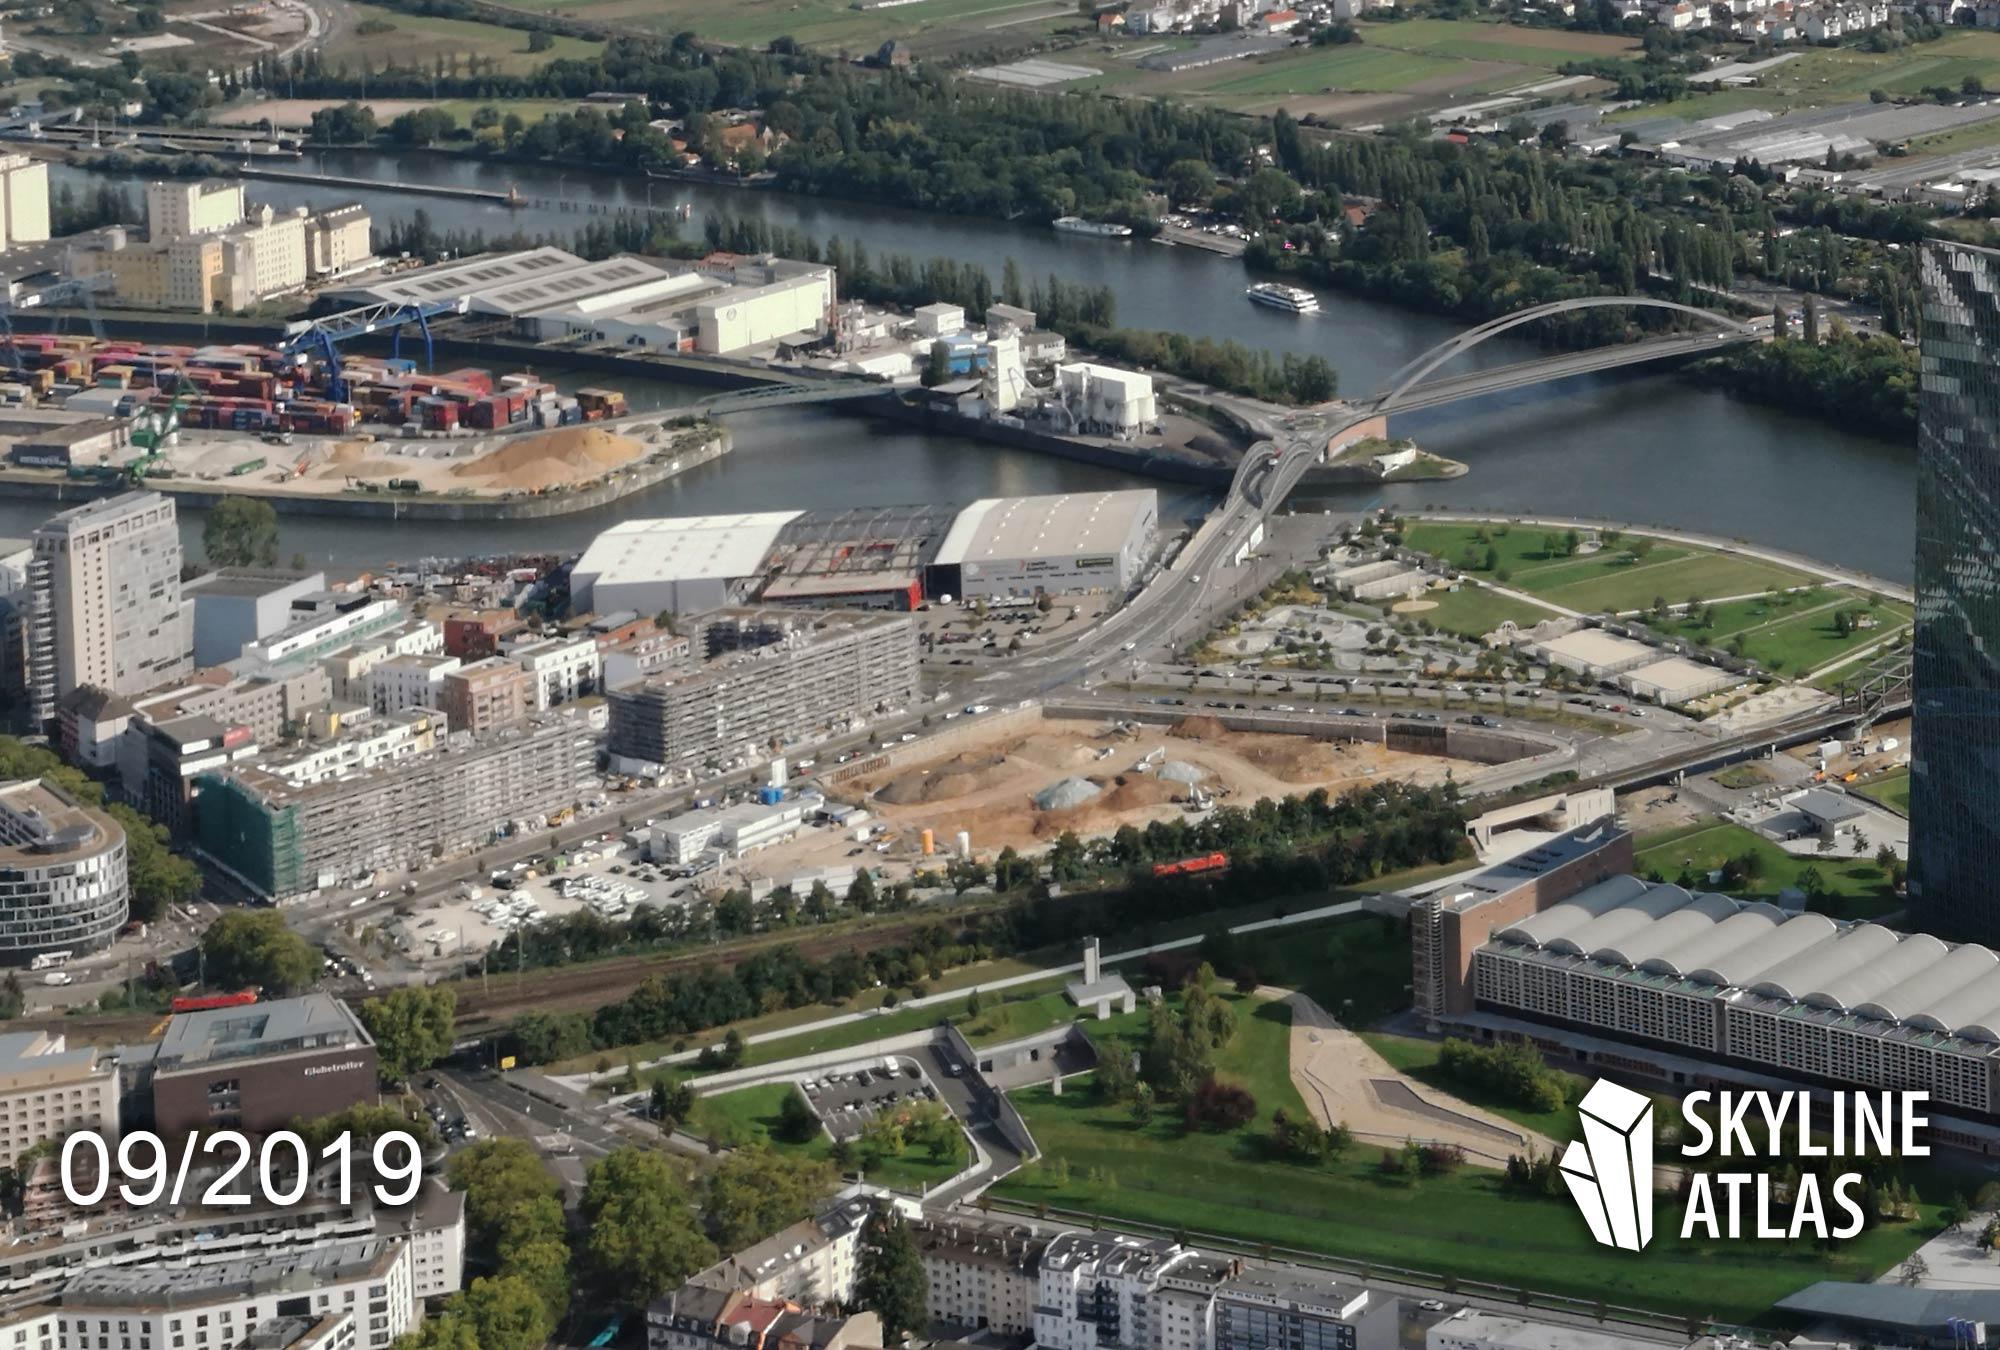 Hafenpark Quartier Frankfurt - Luftbild der Baustelle - Luftaufnahme der Hochhäuser - Neubauprojekt mit Eigentumswohnungen - September 2019